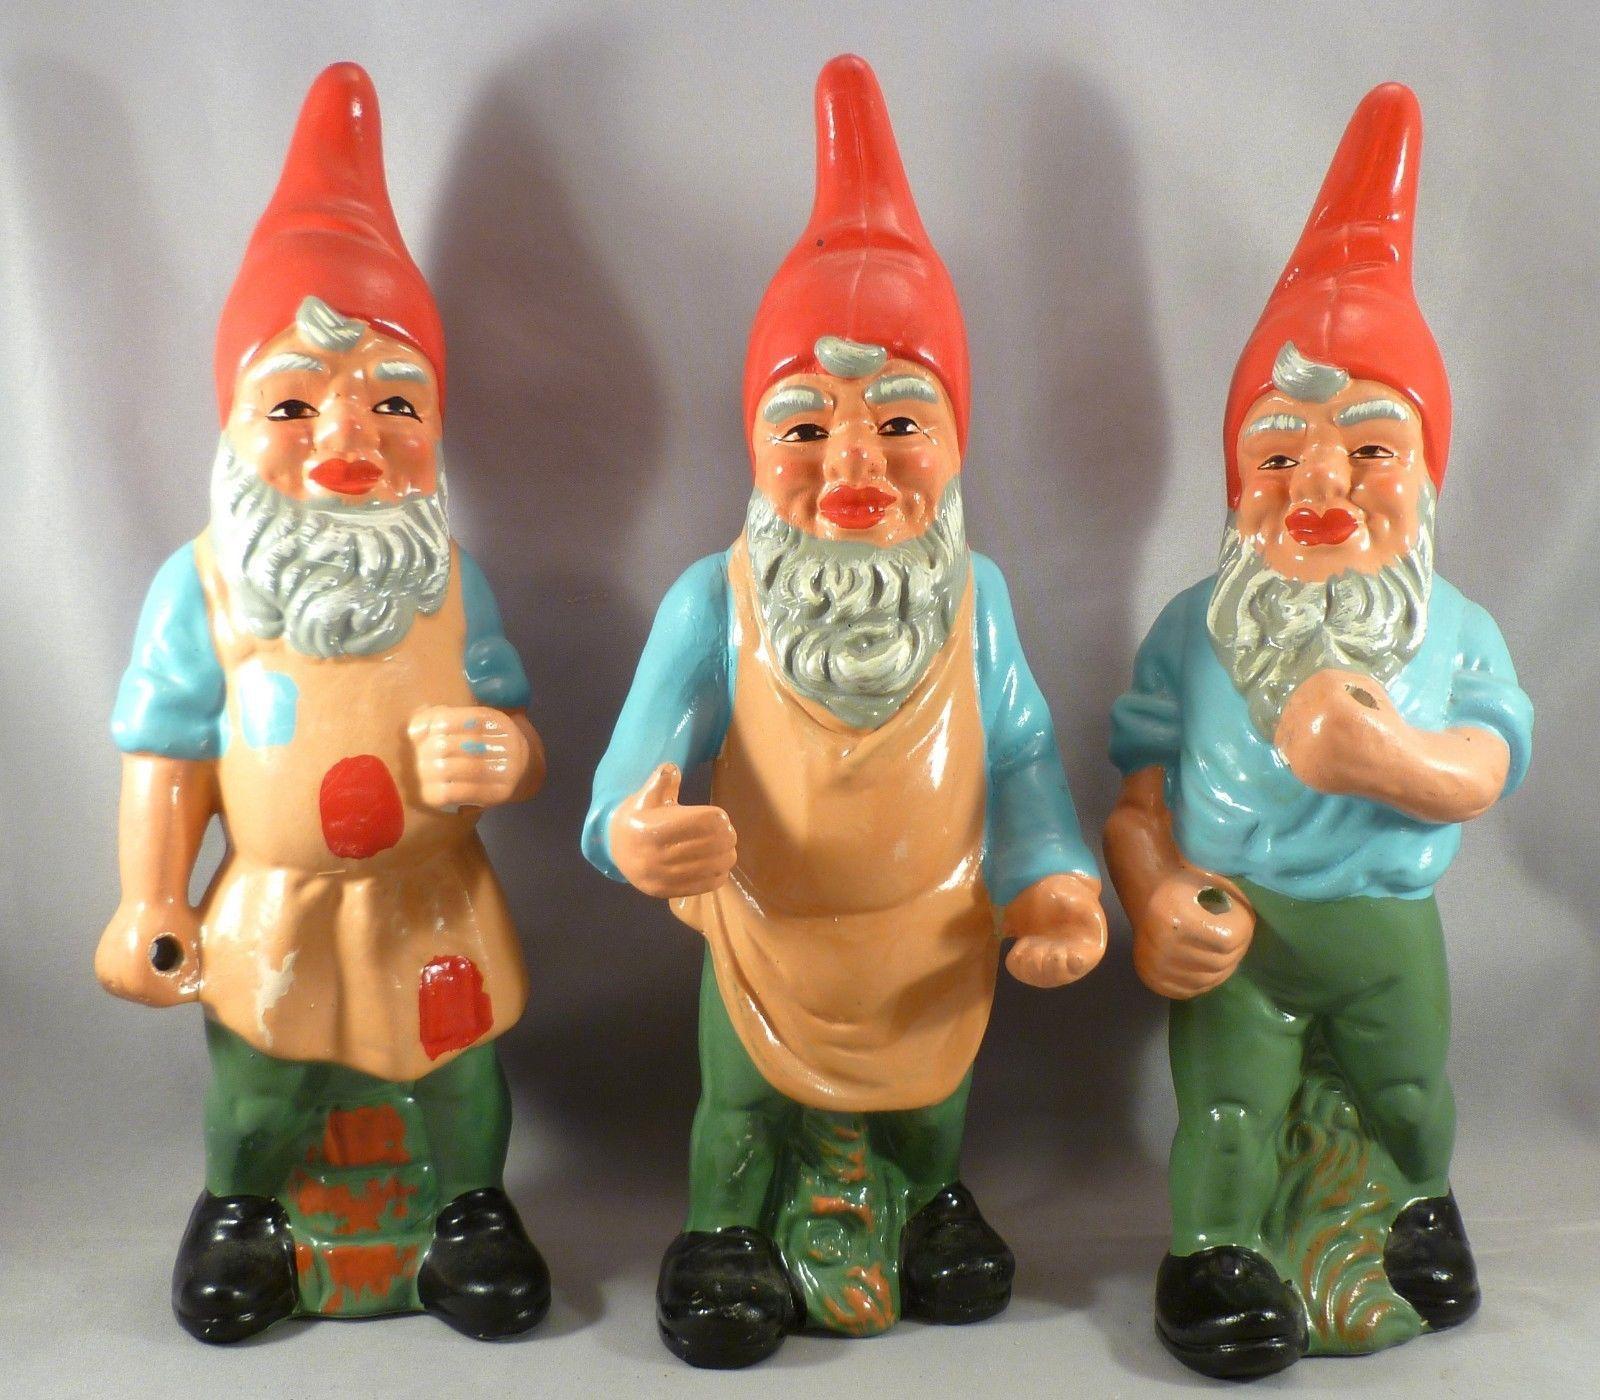 Set Of 3 Vintage Plaster Garden Gnomes 10 High Nasco Made In Japan Ebay Gnomes Gnome Garden Vintage